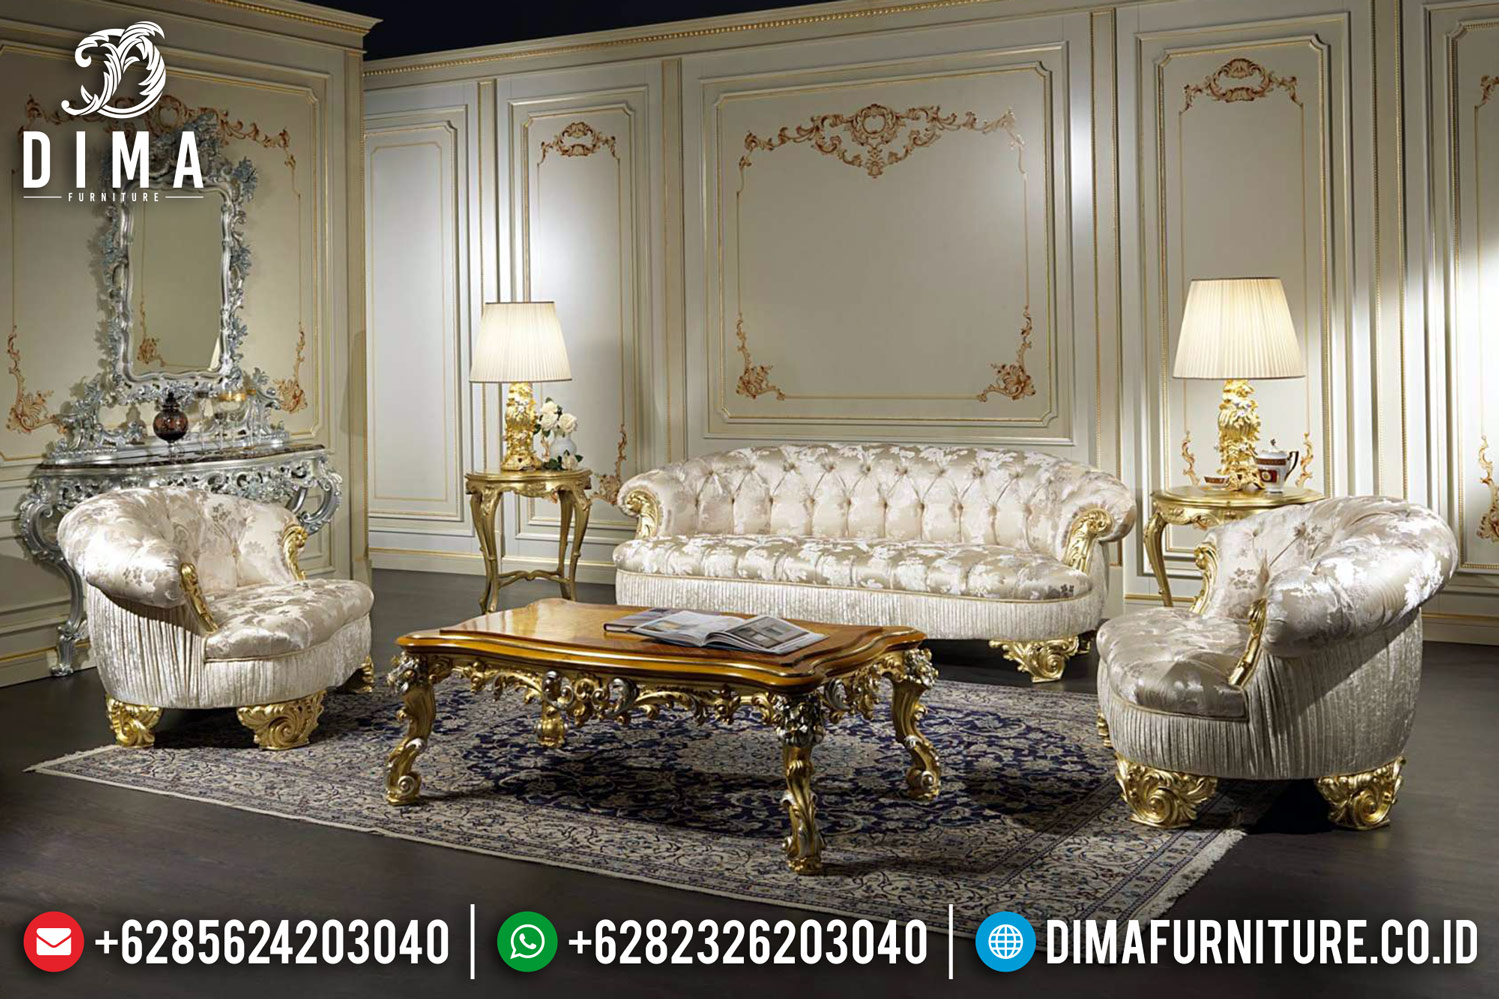 New Design Sofa Tamu Mewah Keluaran Terbaru Ukiran Khas Jepara BT-0412